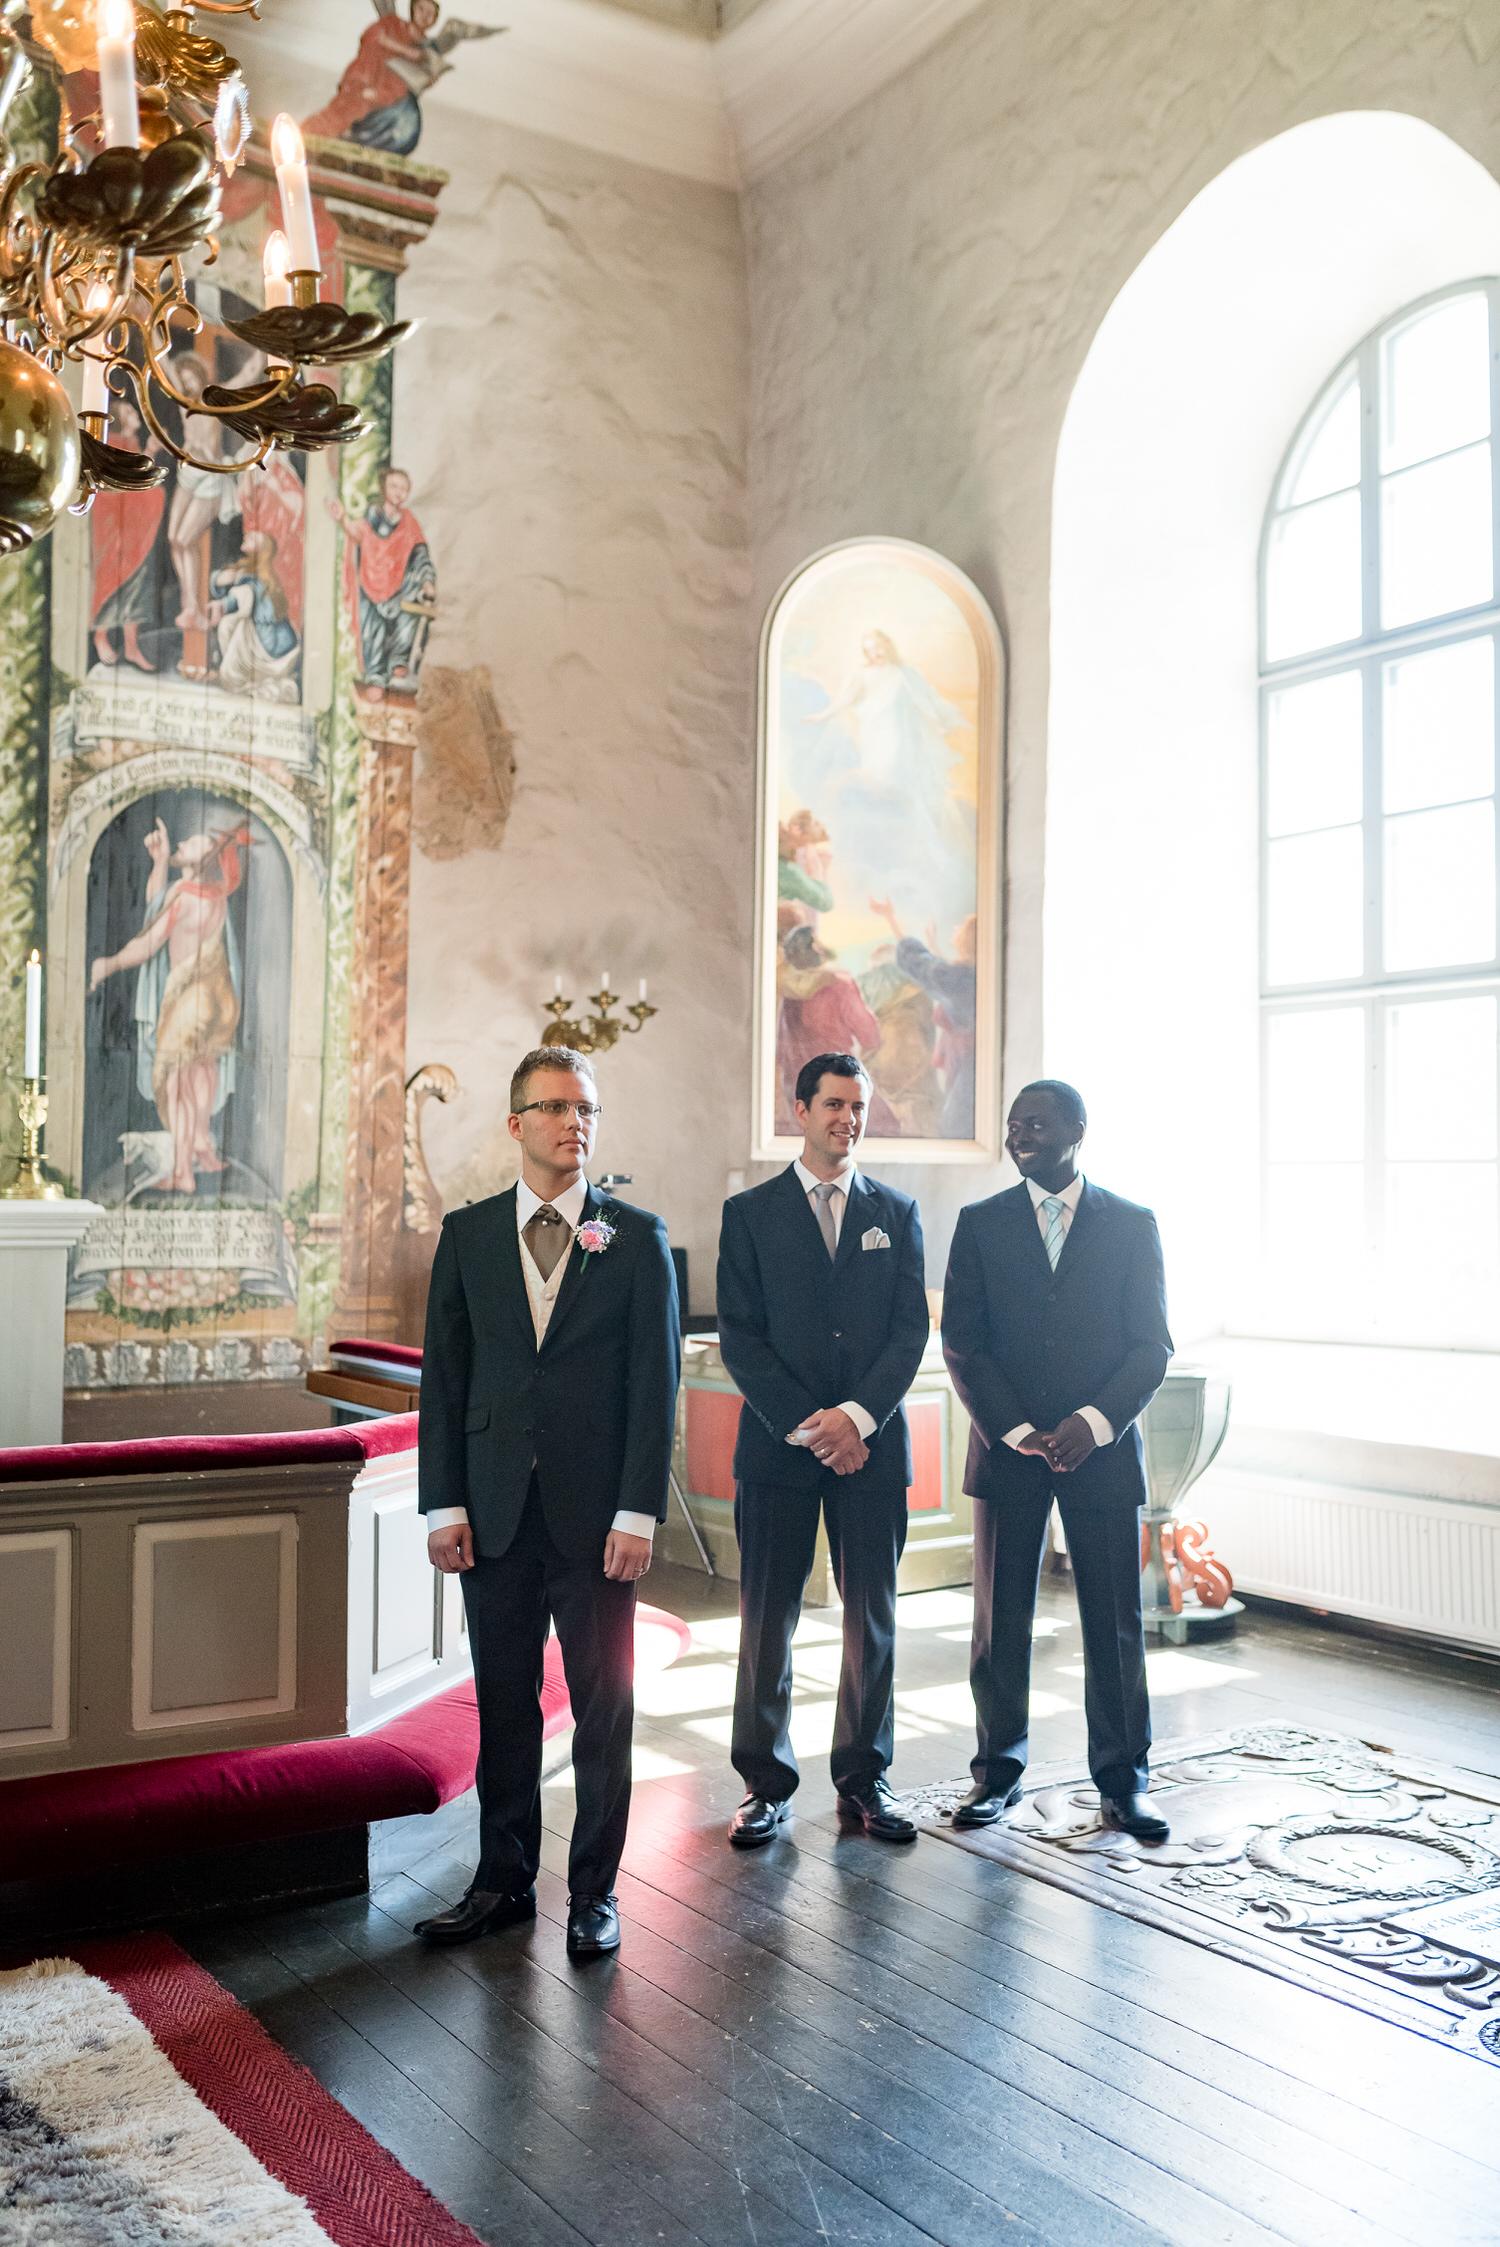 02 Ninni + Andreas Ceremony by Kavilo Photography-6.jpg